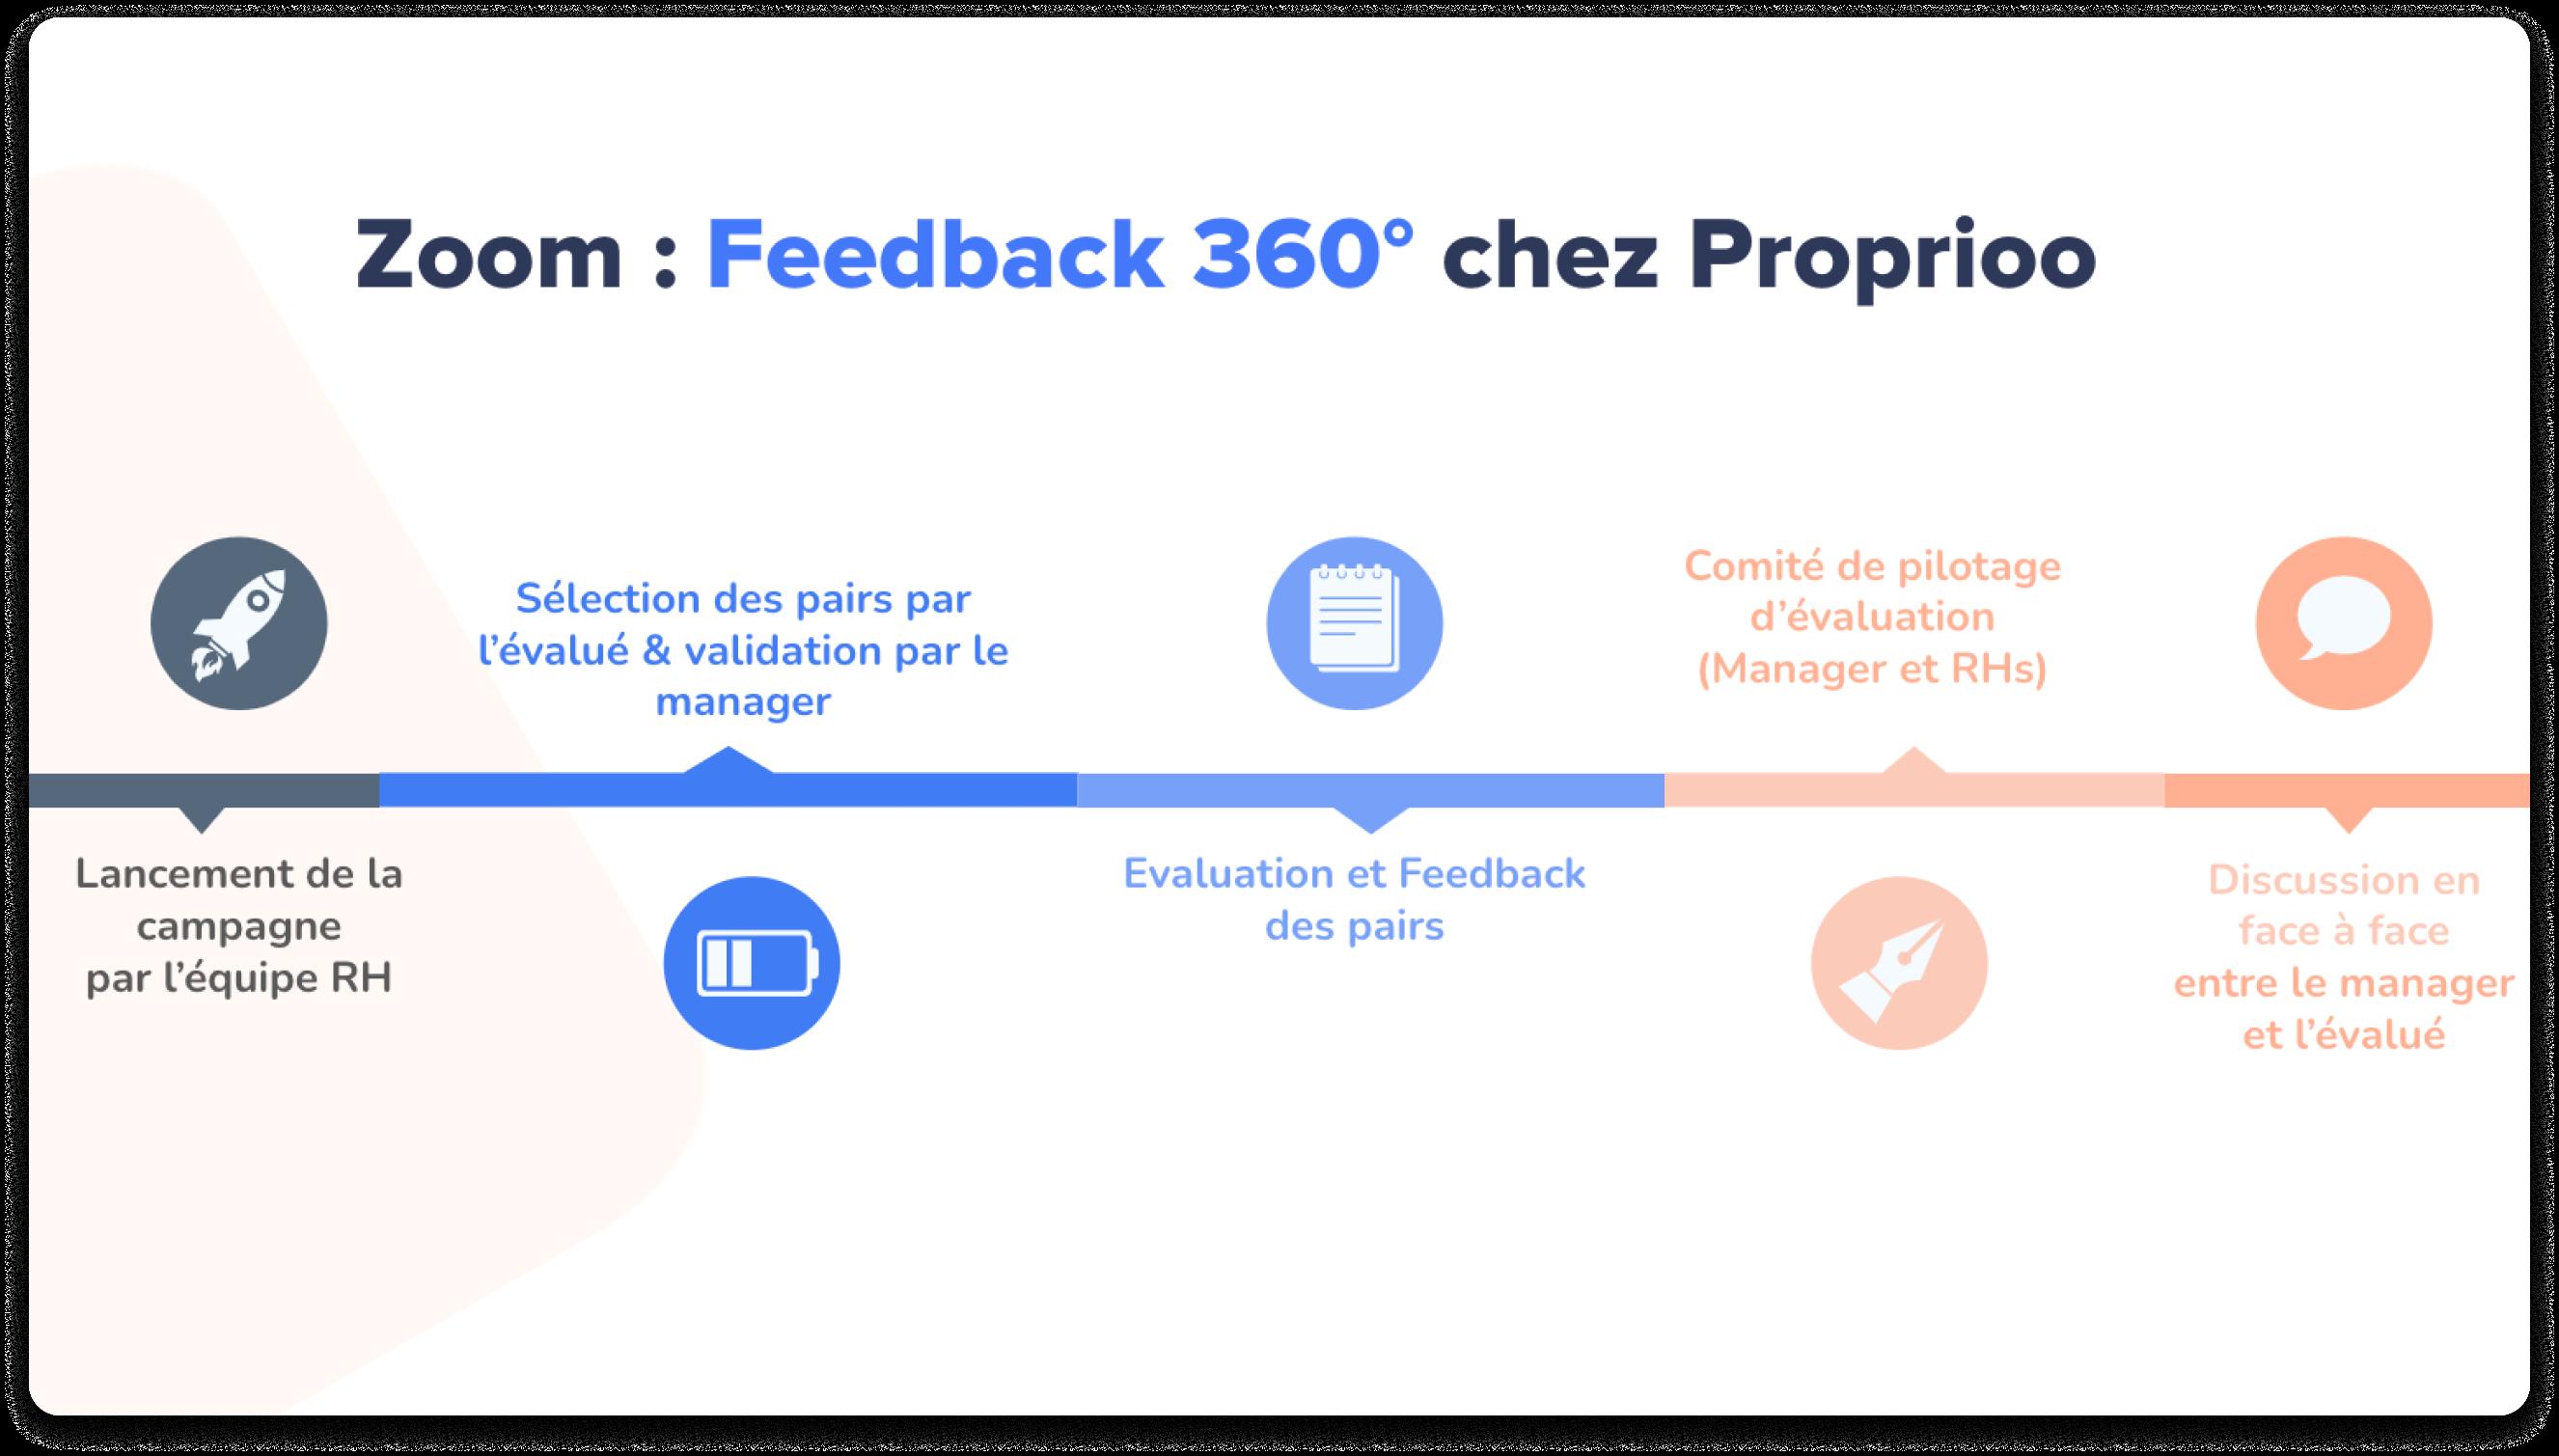 le feedback 360 chez Proprioo